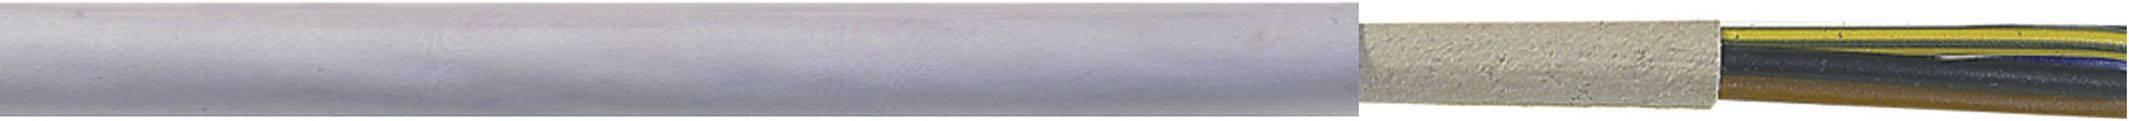 Opláštený kábel LappKabel NYM-J 16000023, 5 G 1.50 mm², metrový tovar, sivá